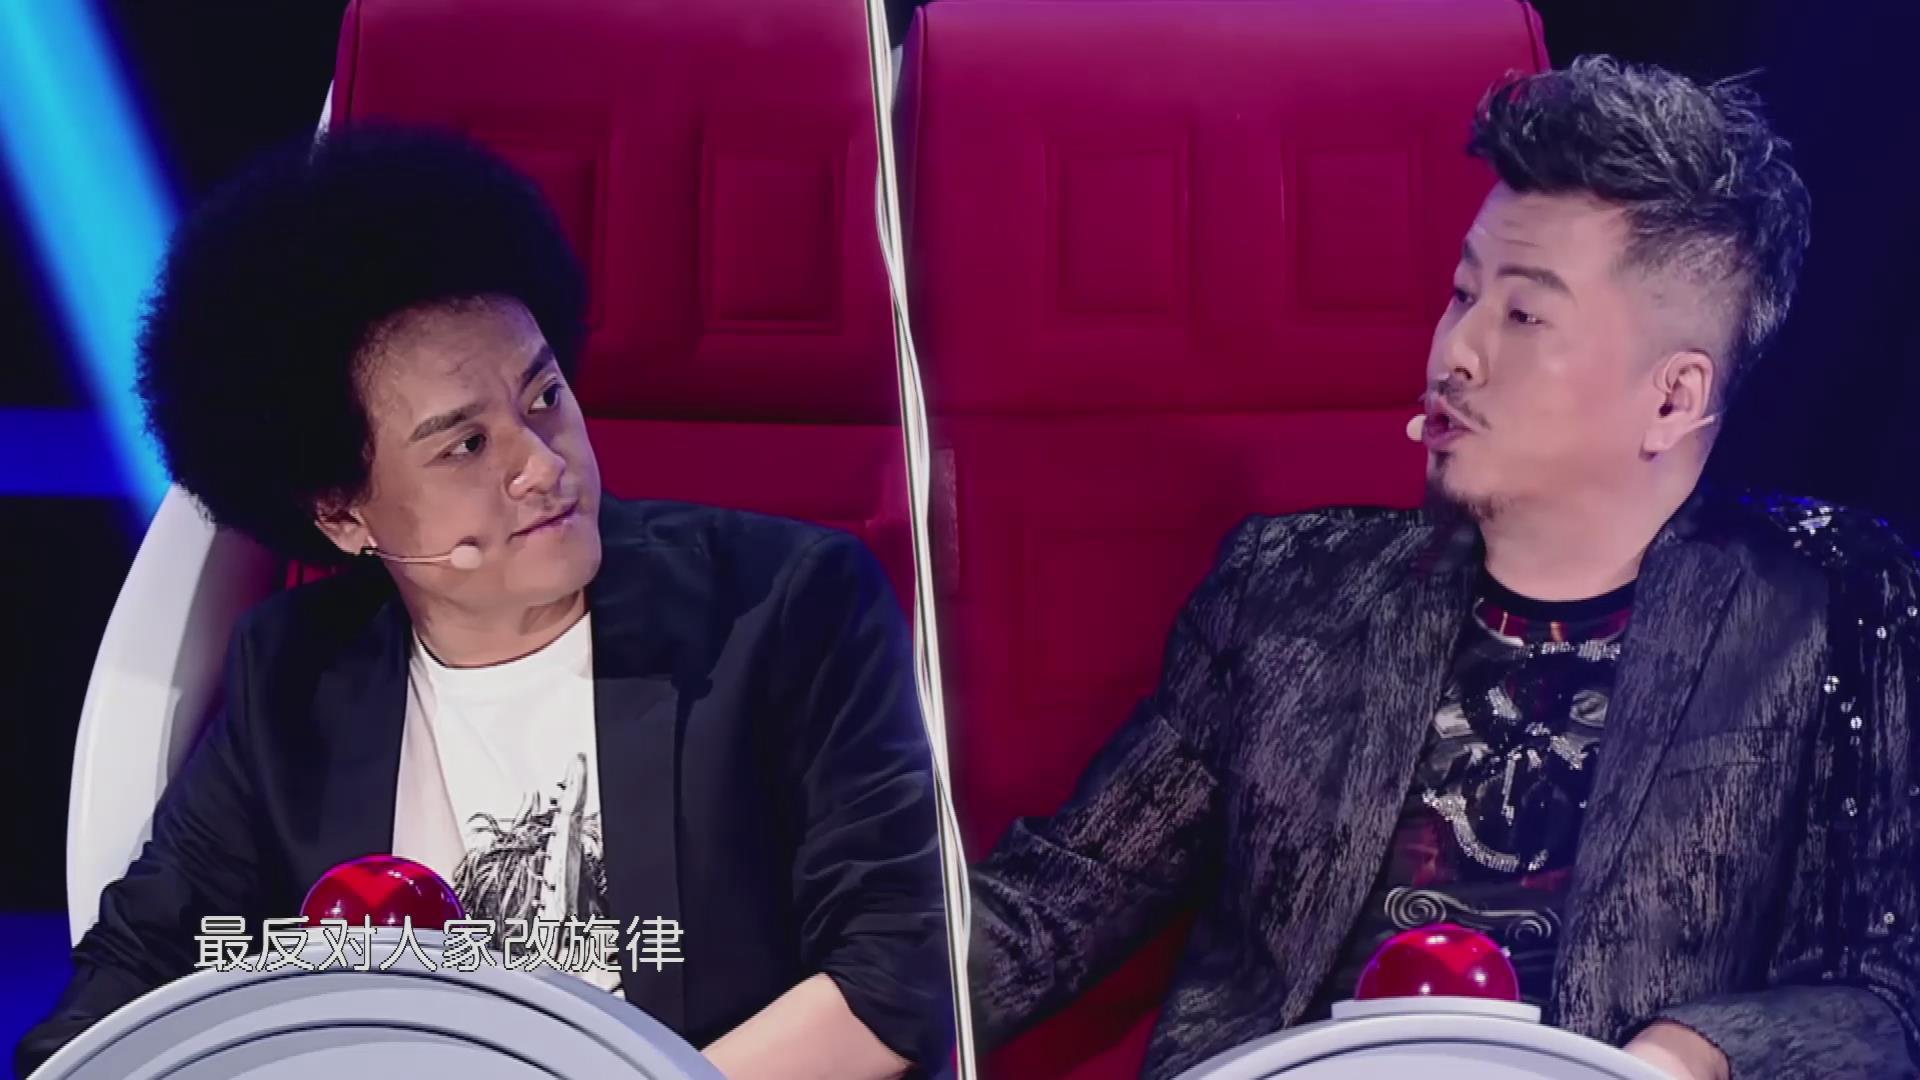 王天琦一曲《布拉格广场》,赵英俊和黄国伦起了争议